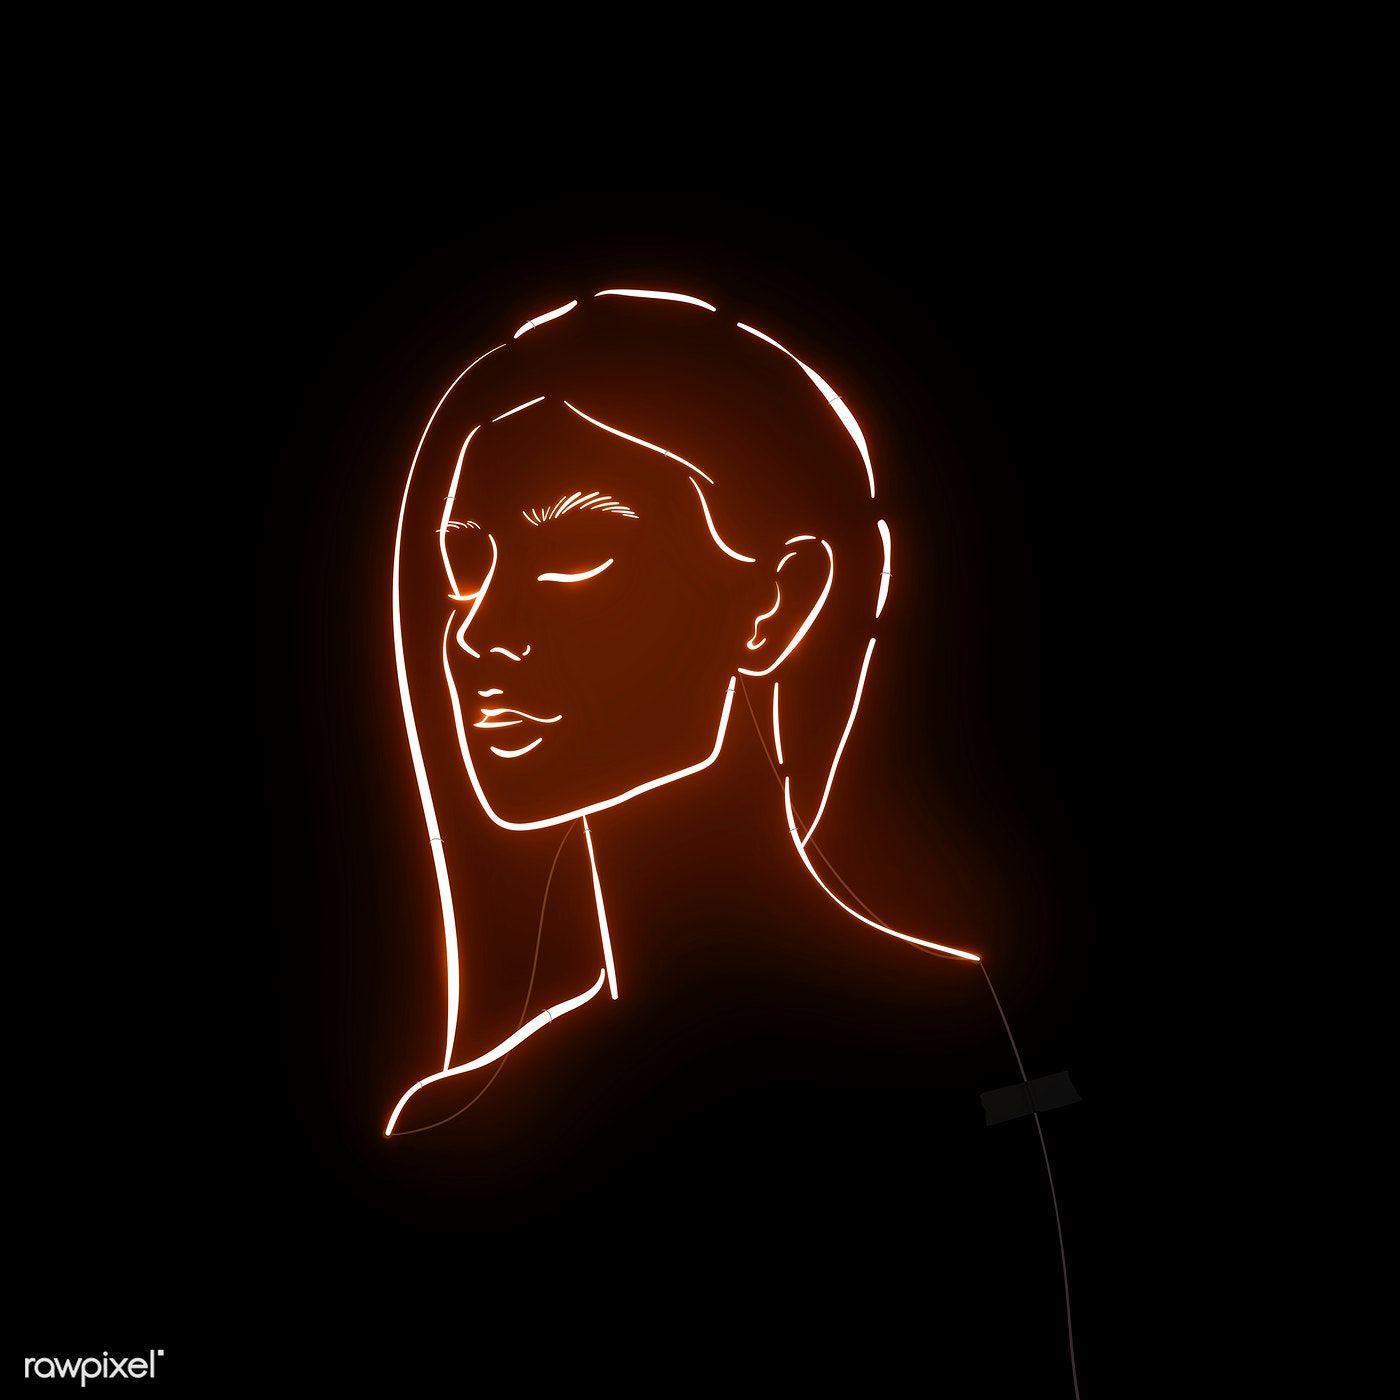 Download premium illustration of Feminine neon sign design